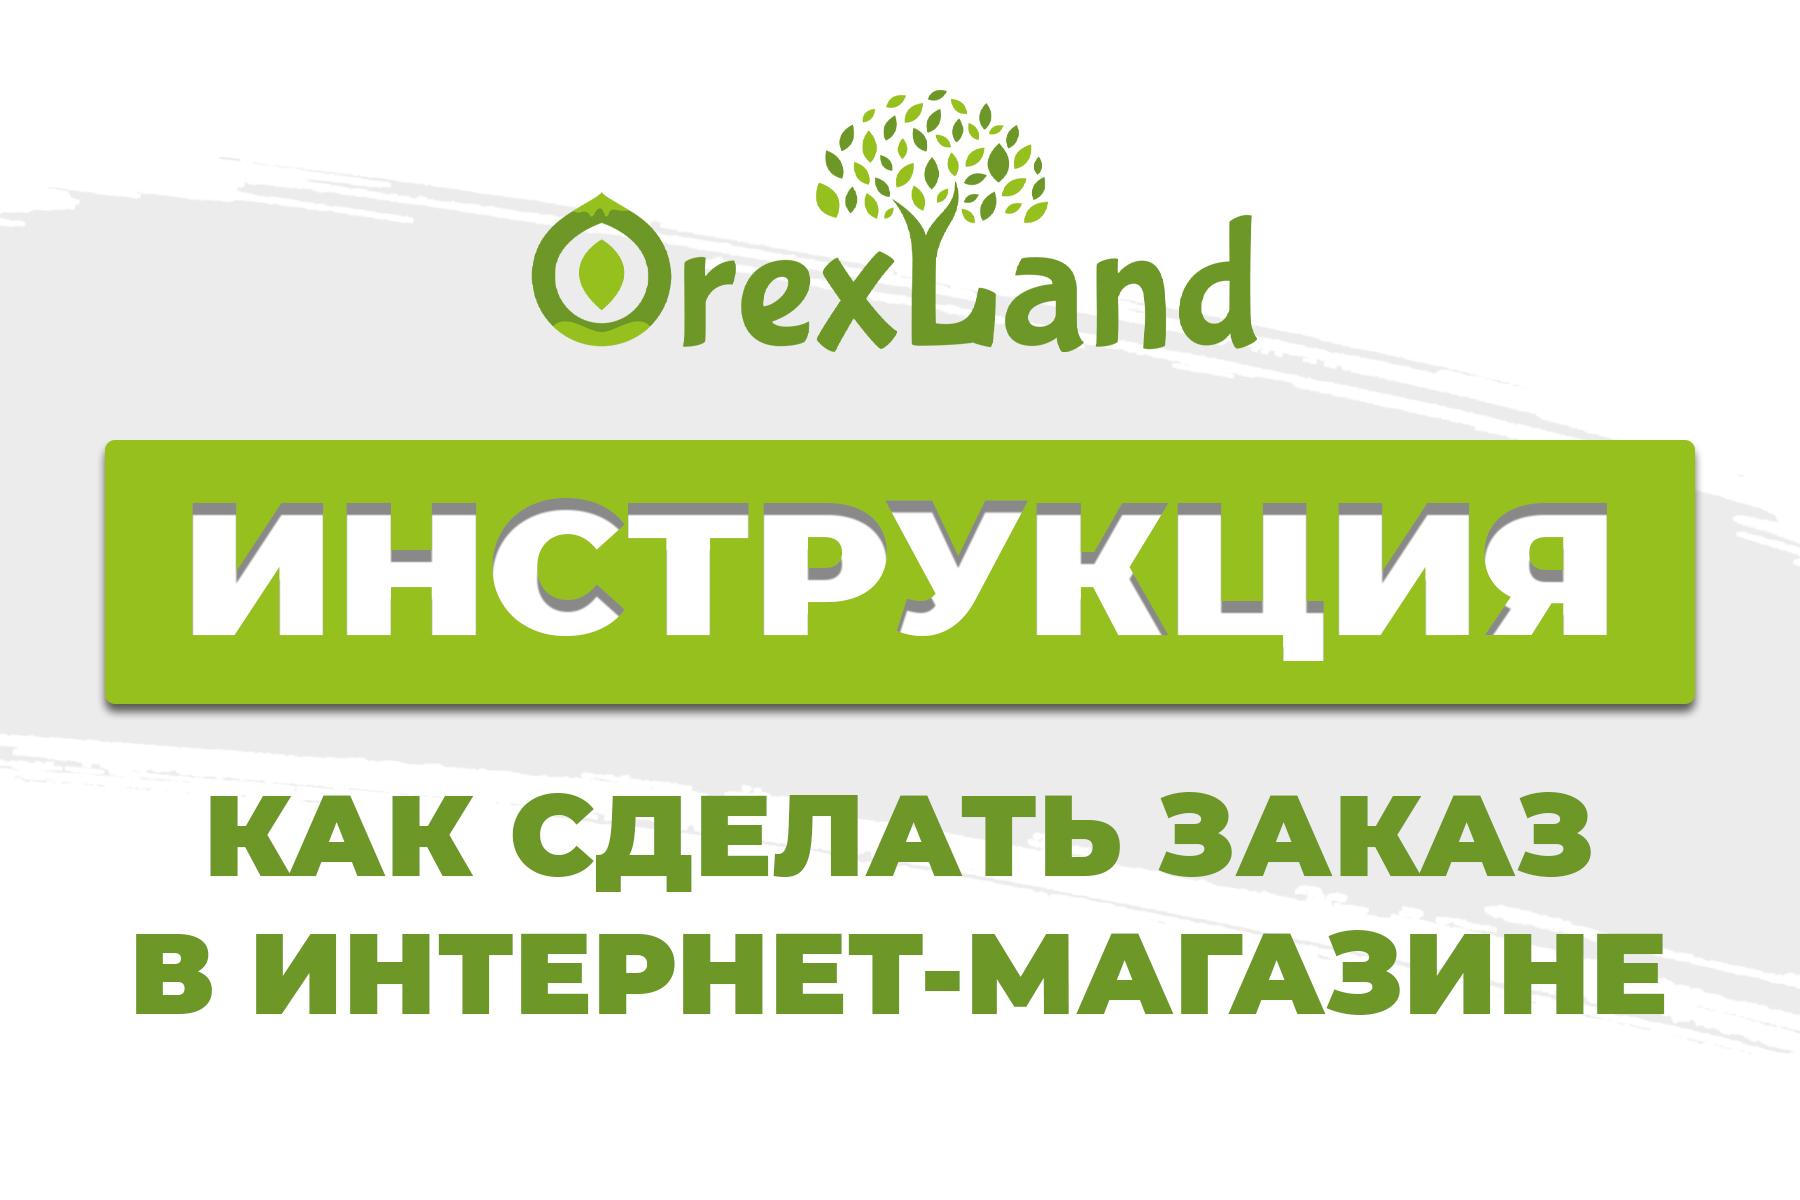 Как сделать заказ в интернет-магазине Orexland